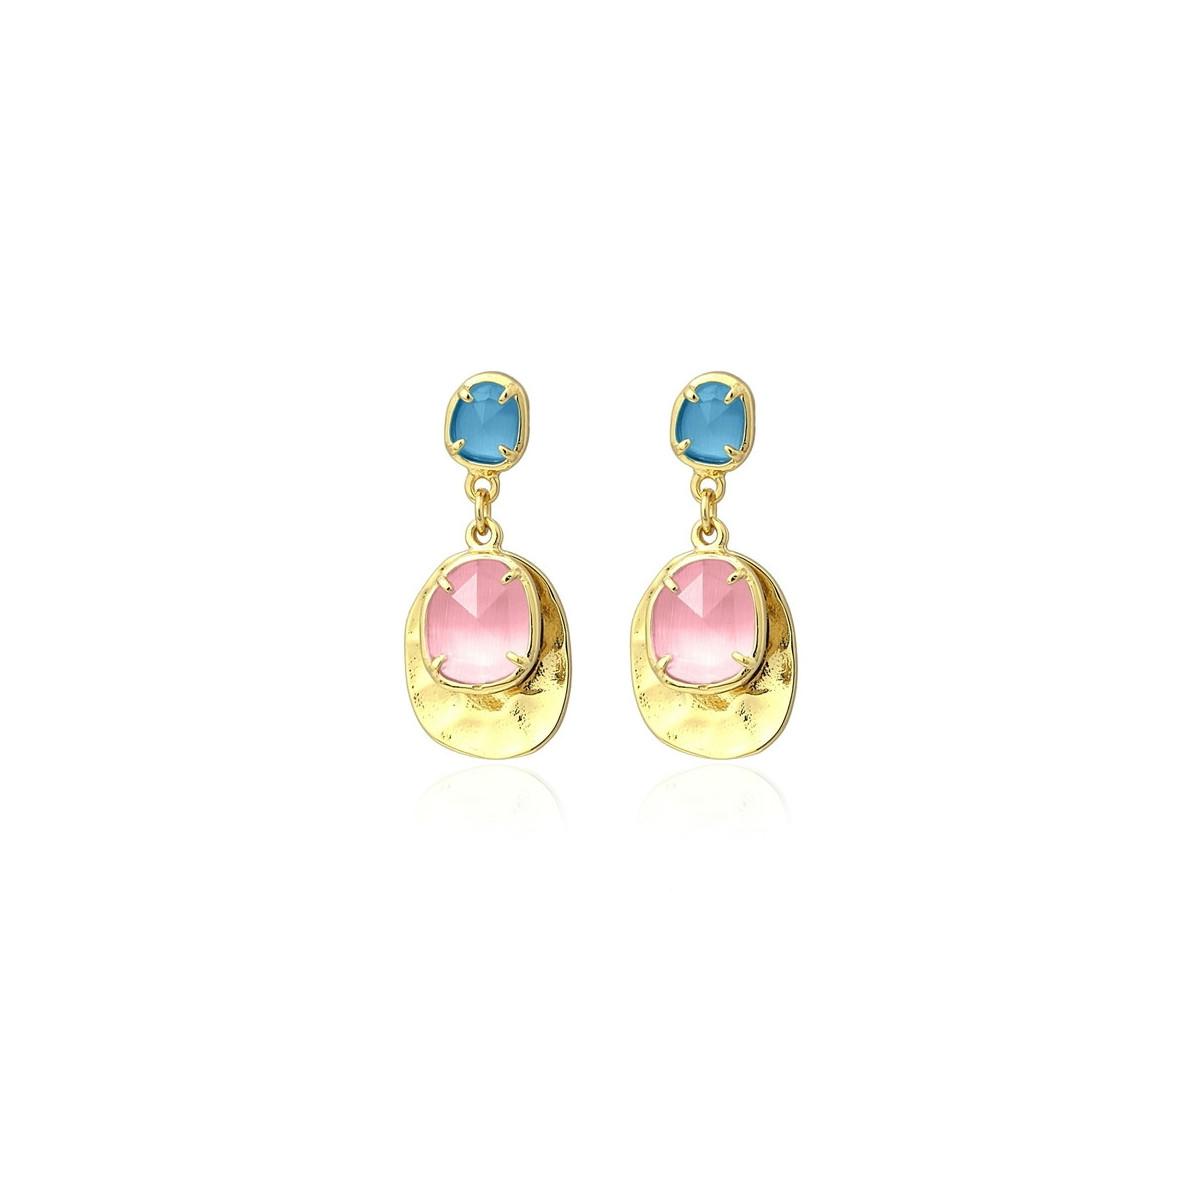 Pendientes Anartxy Dorados Rosa-Azul Mujer APE991RS